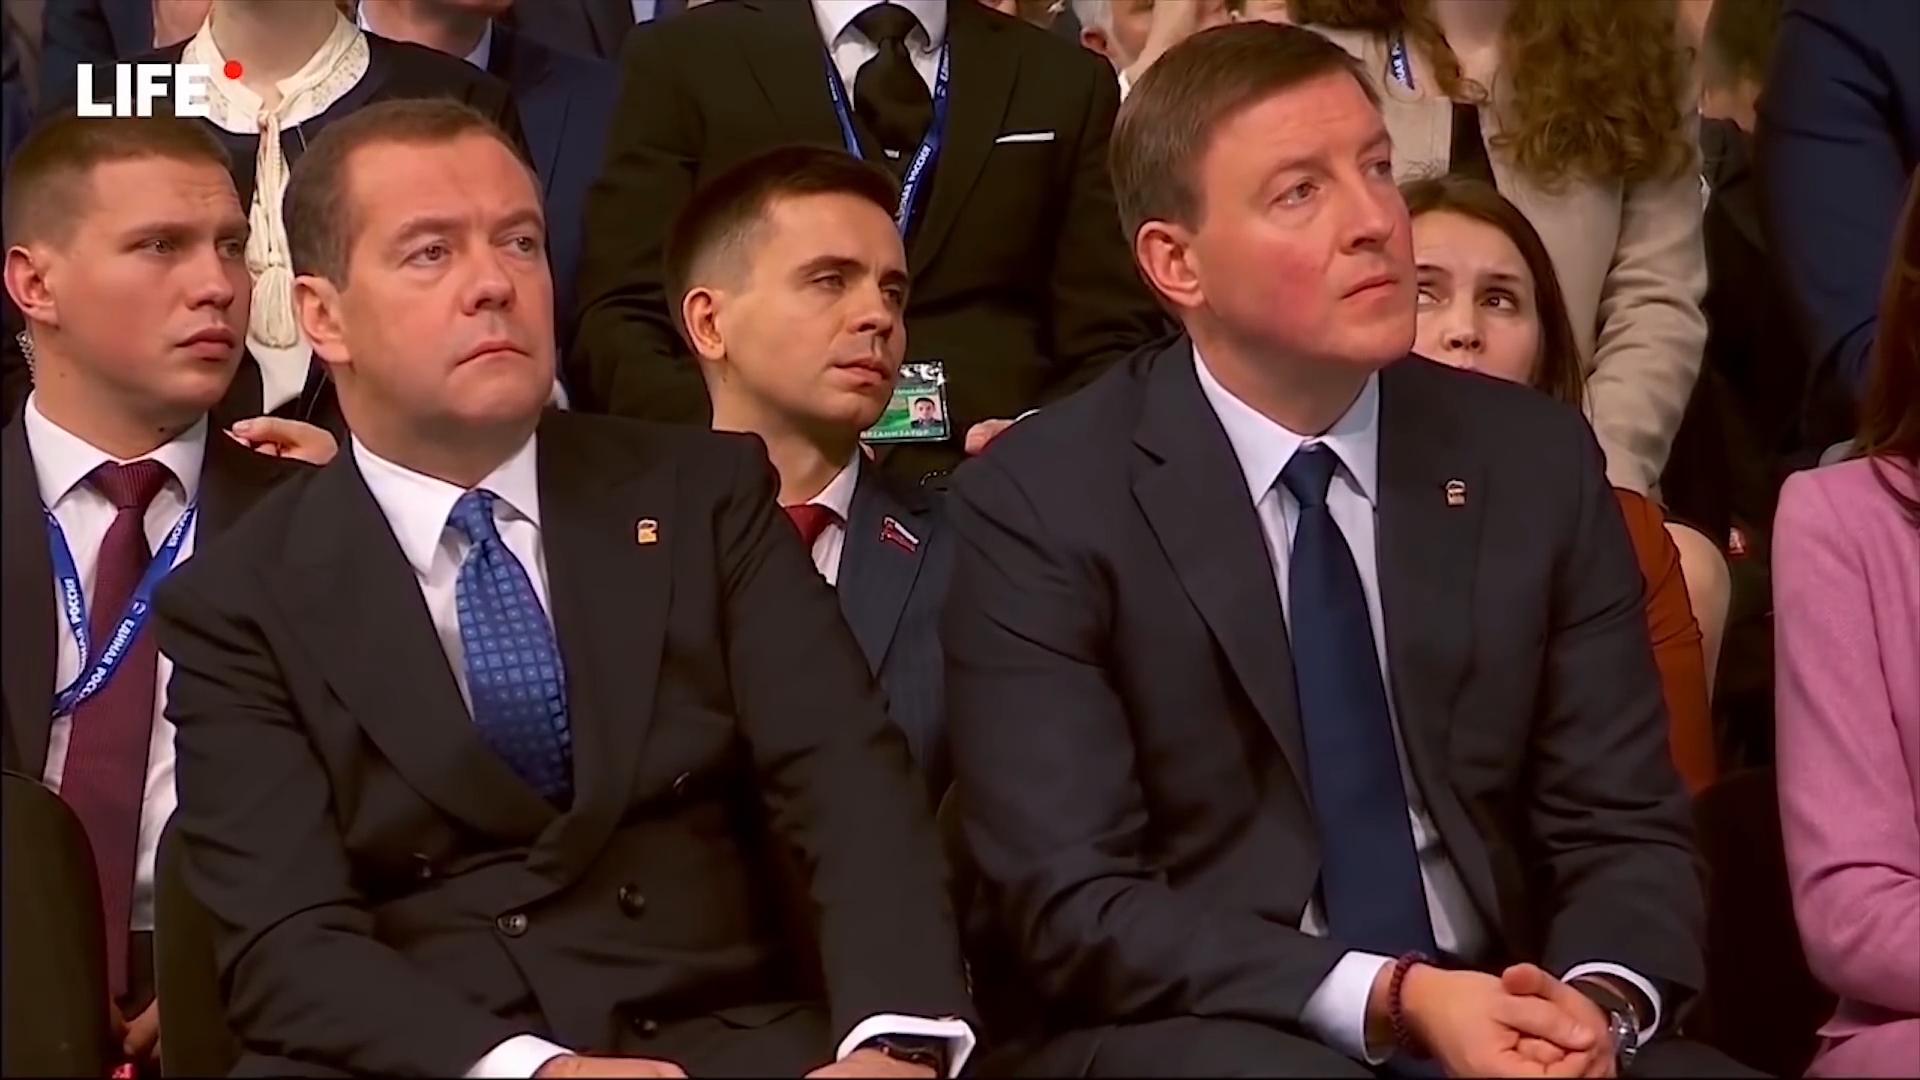 04-Популисты, патриоты и предатели. Все о съезде «Единой России»